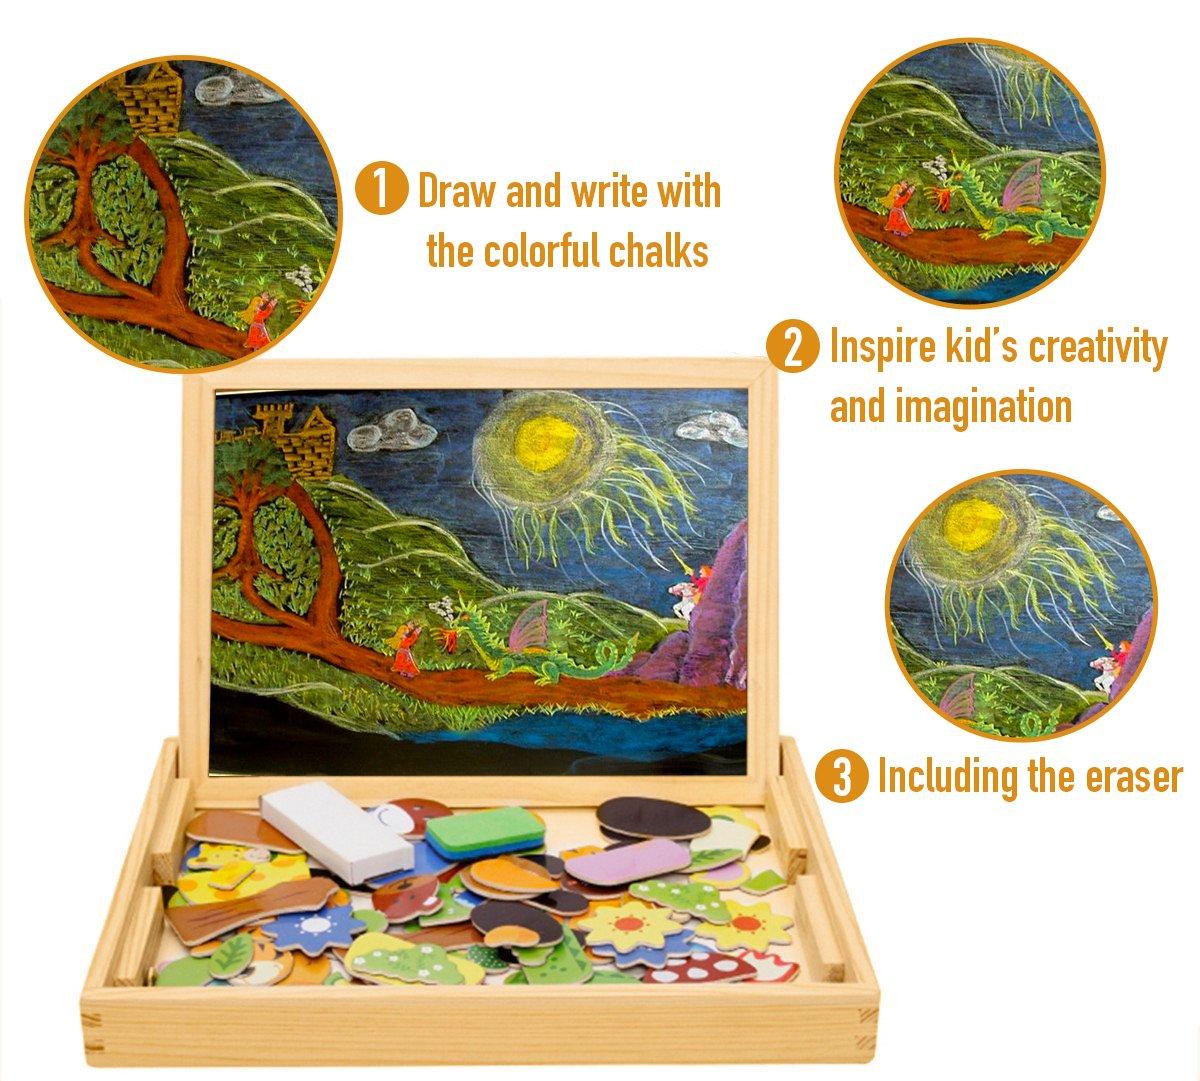 COOLJOY Puzzle Magnetico Legno, Giocattolo di Legno Bambini con Double Face Disegno cavalletto Lavagna, apprendimento educativo per Bambini (Nmodello Animale) 5 spesavip